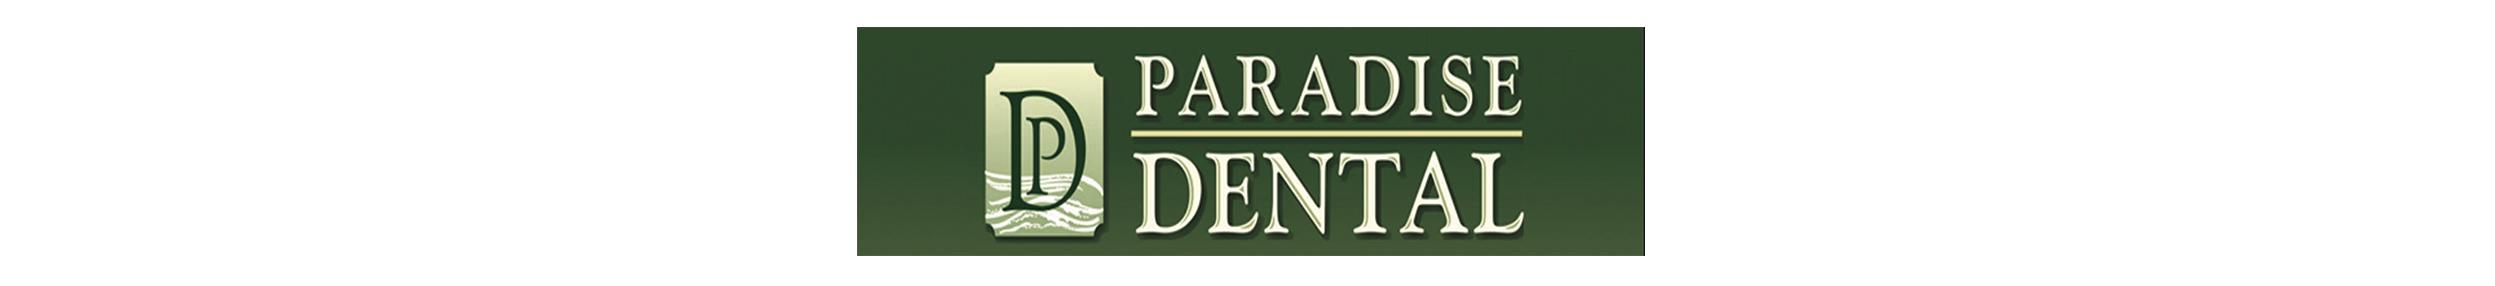 sponsor banner 1.jpg